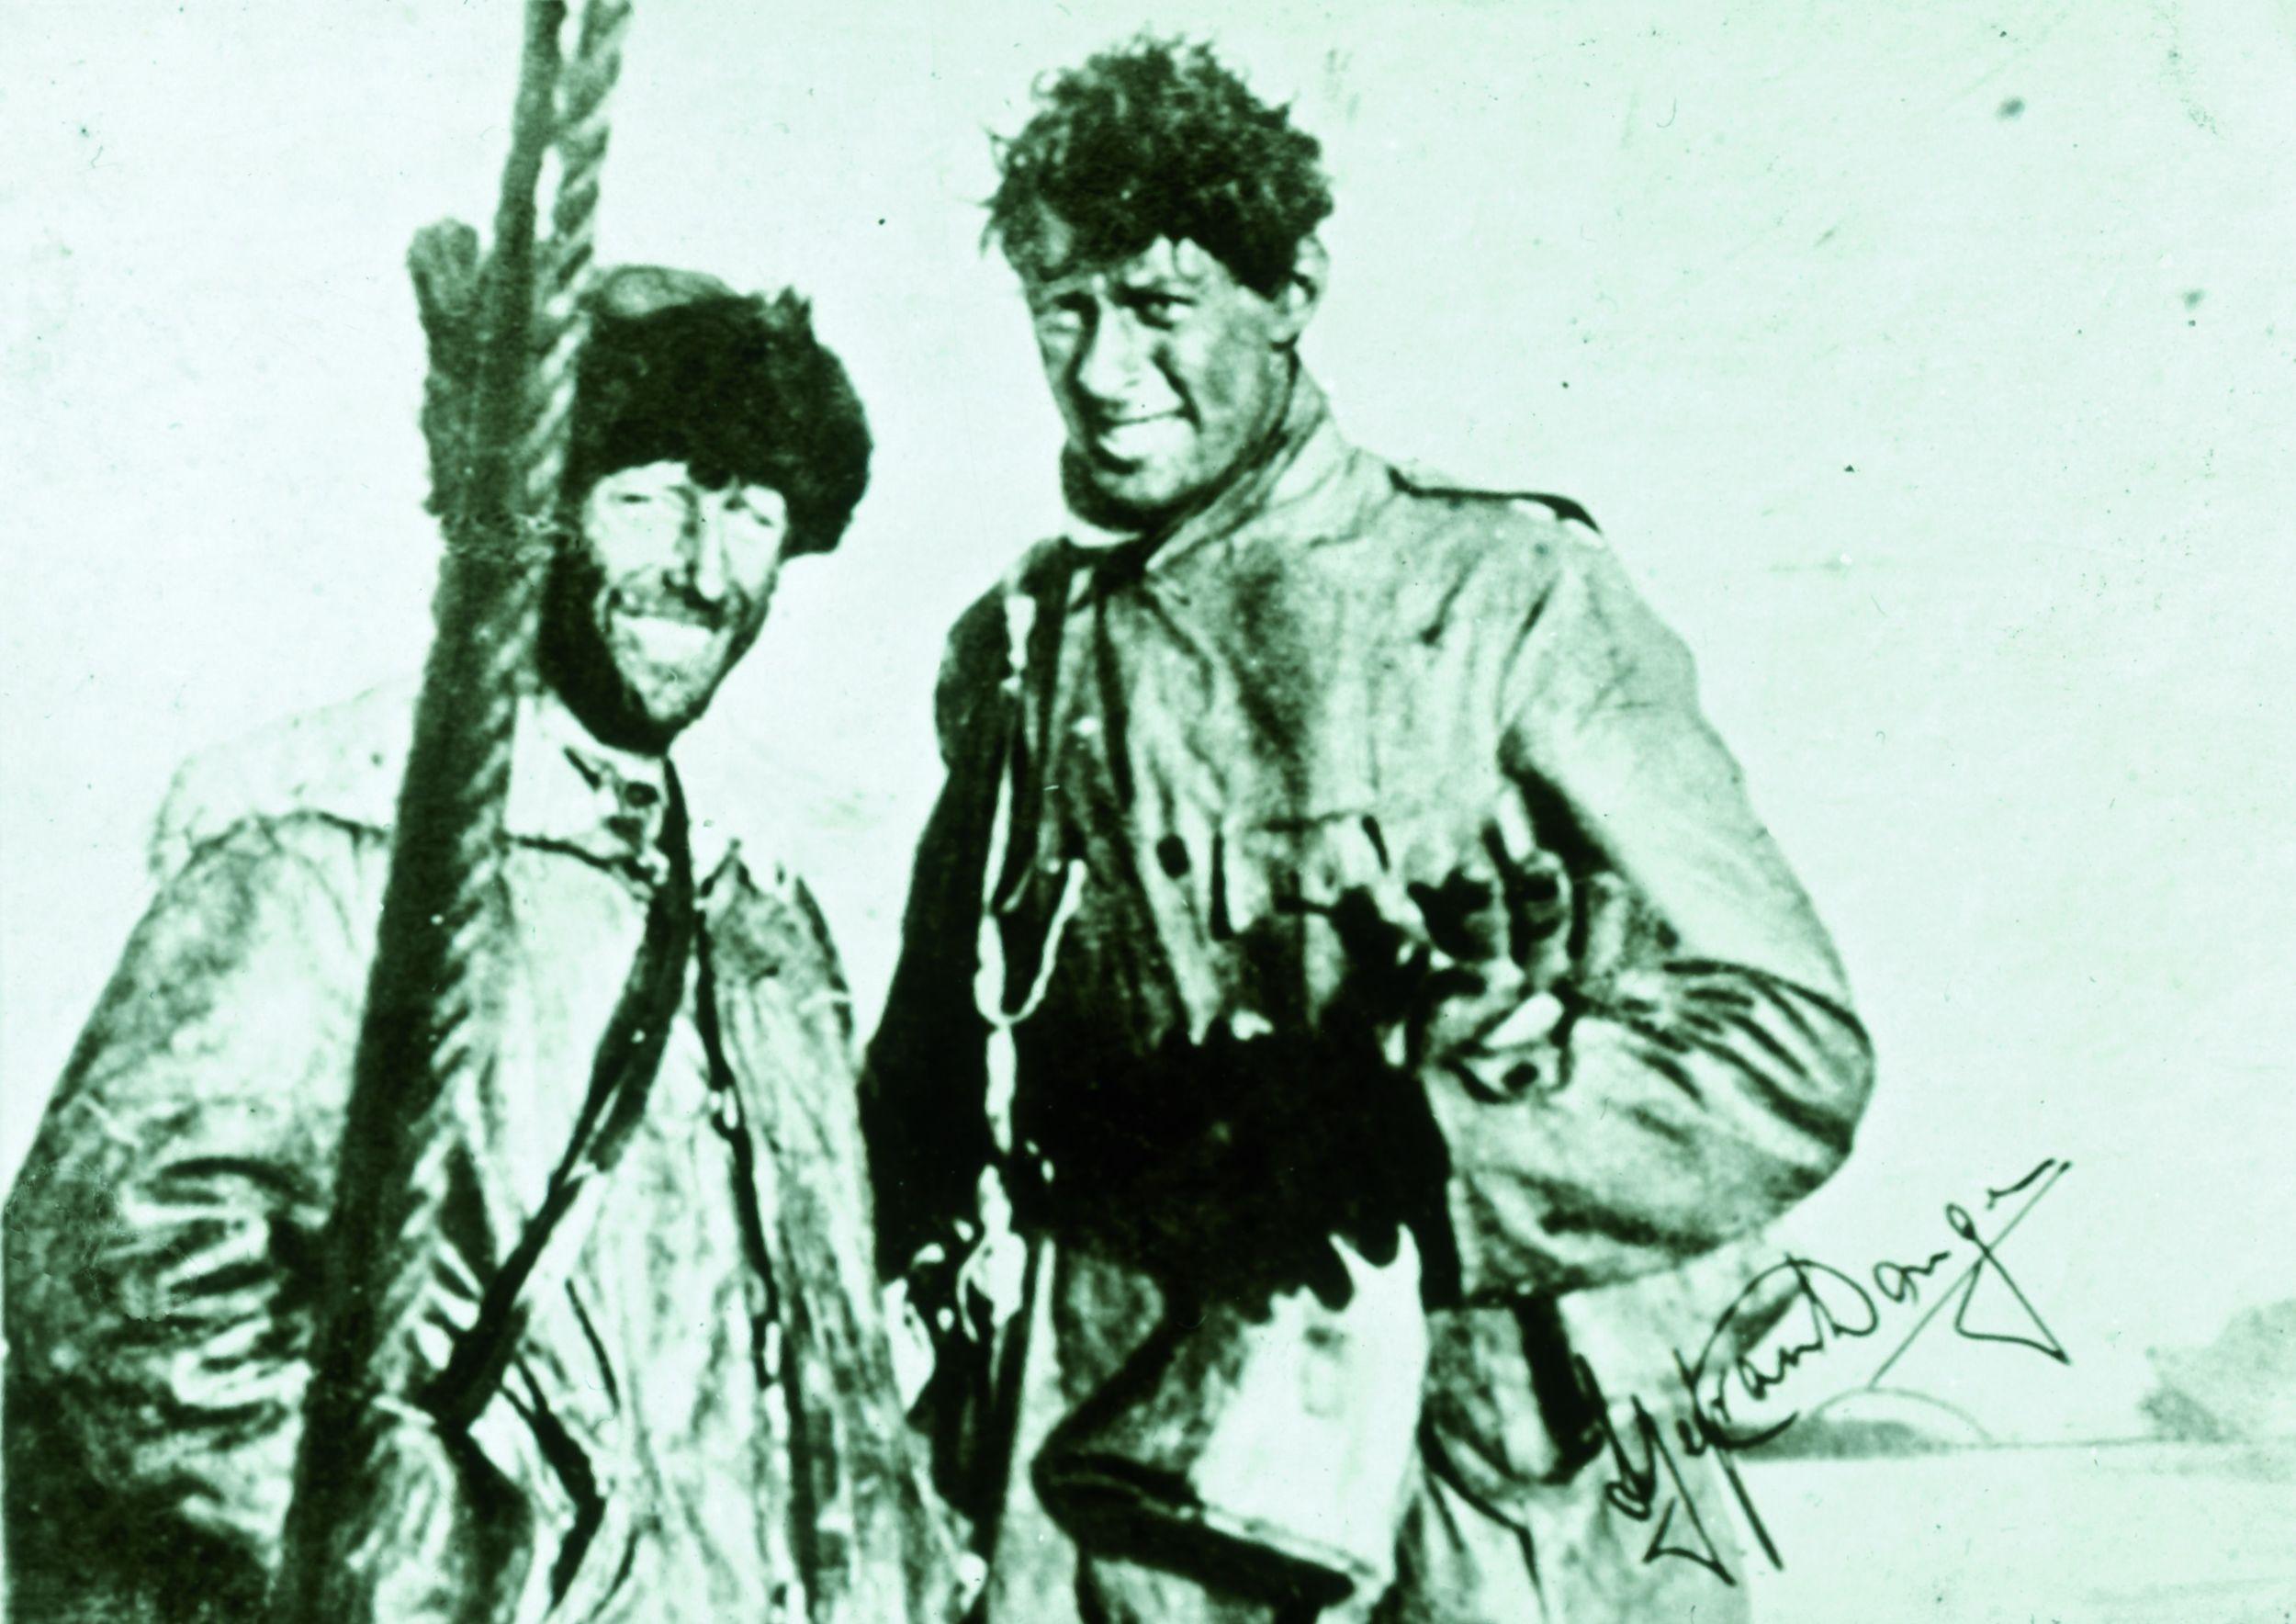 redding Nederlandse poolheld Sjef van Dongen Spitsbergen 1928 boek biografie